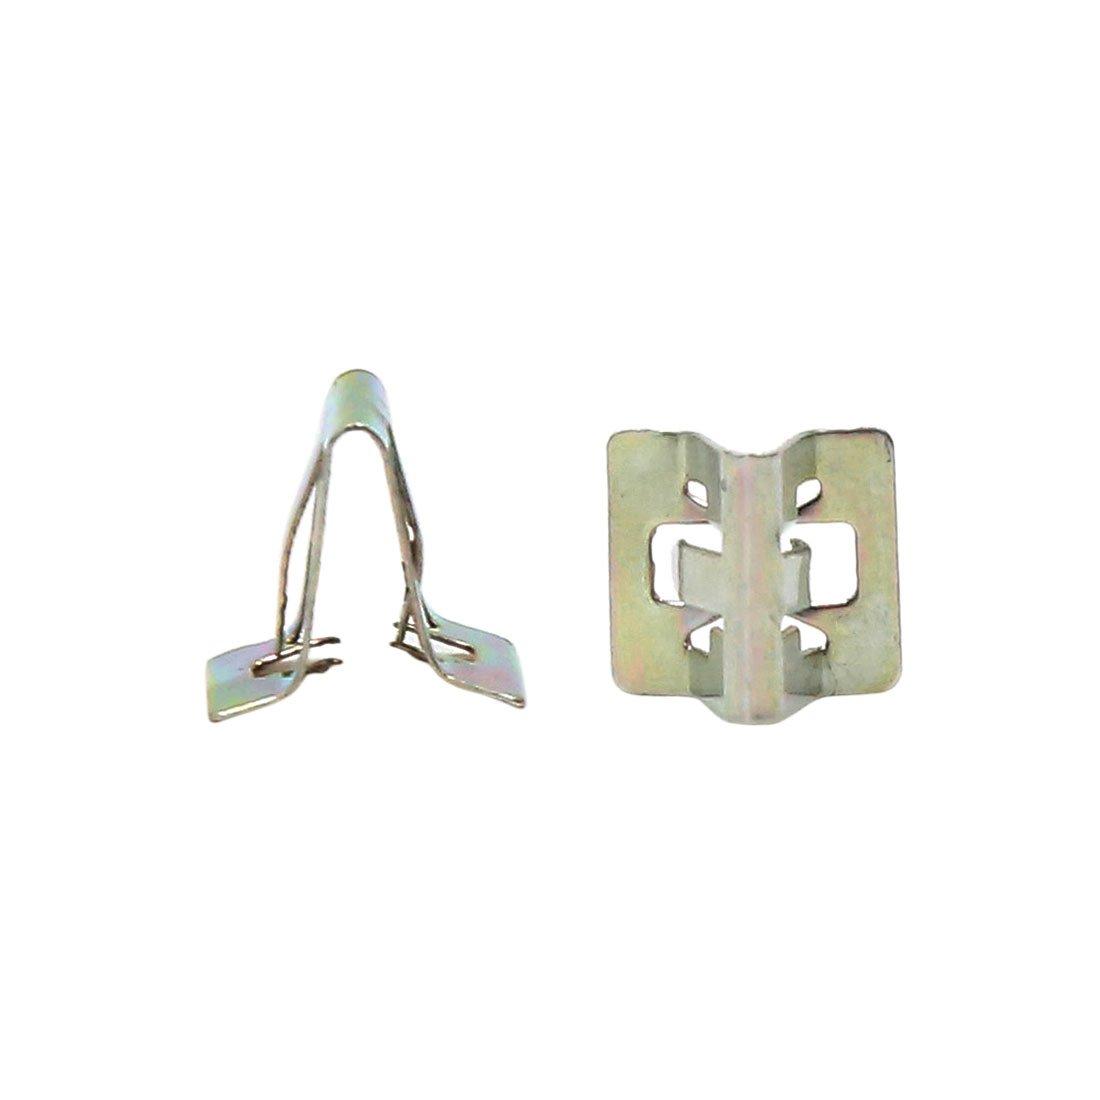 sourcingmap 30pcs 6mm Car Card Buckle Hole Trim Boot Rivets Clips Bronze Tone a16112100ux1000